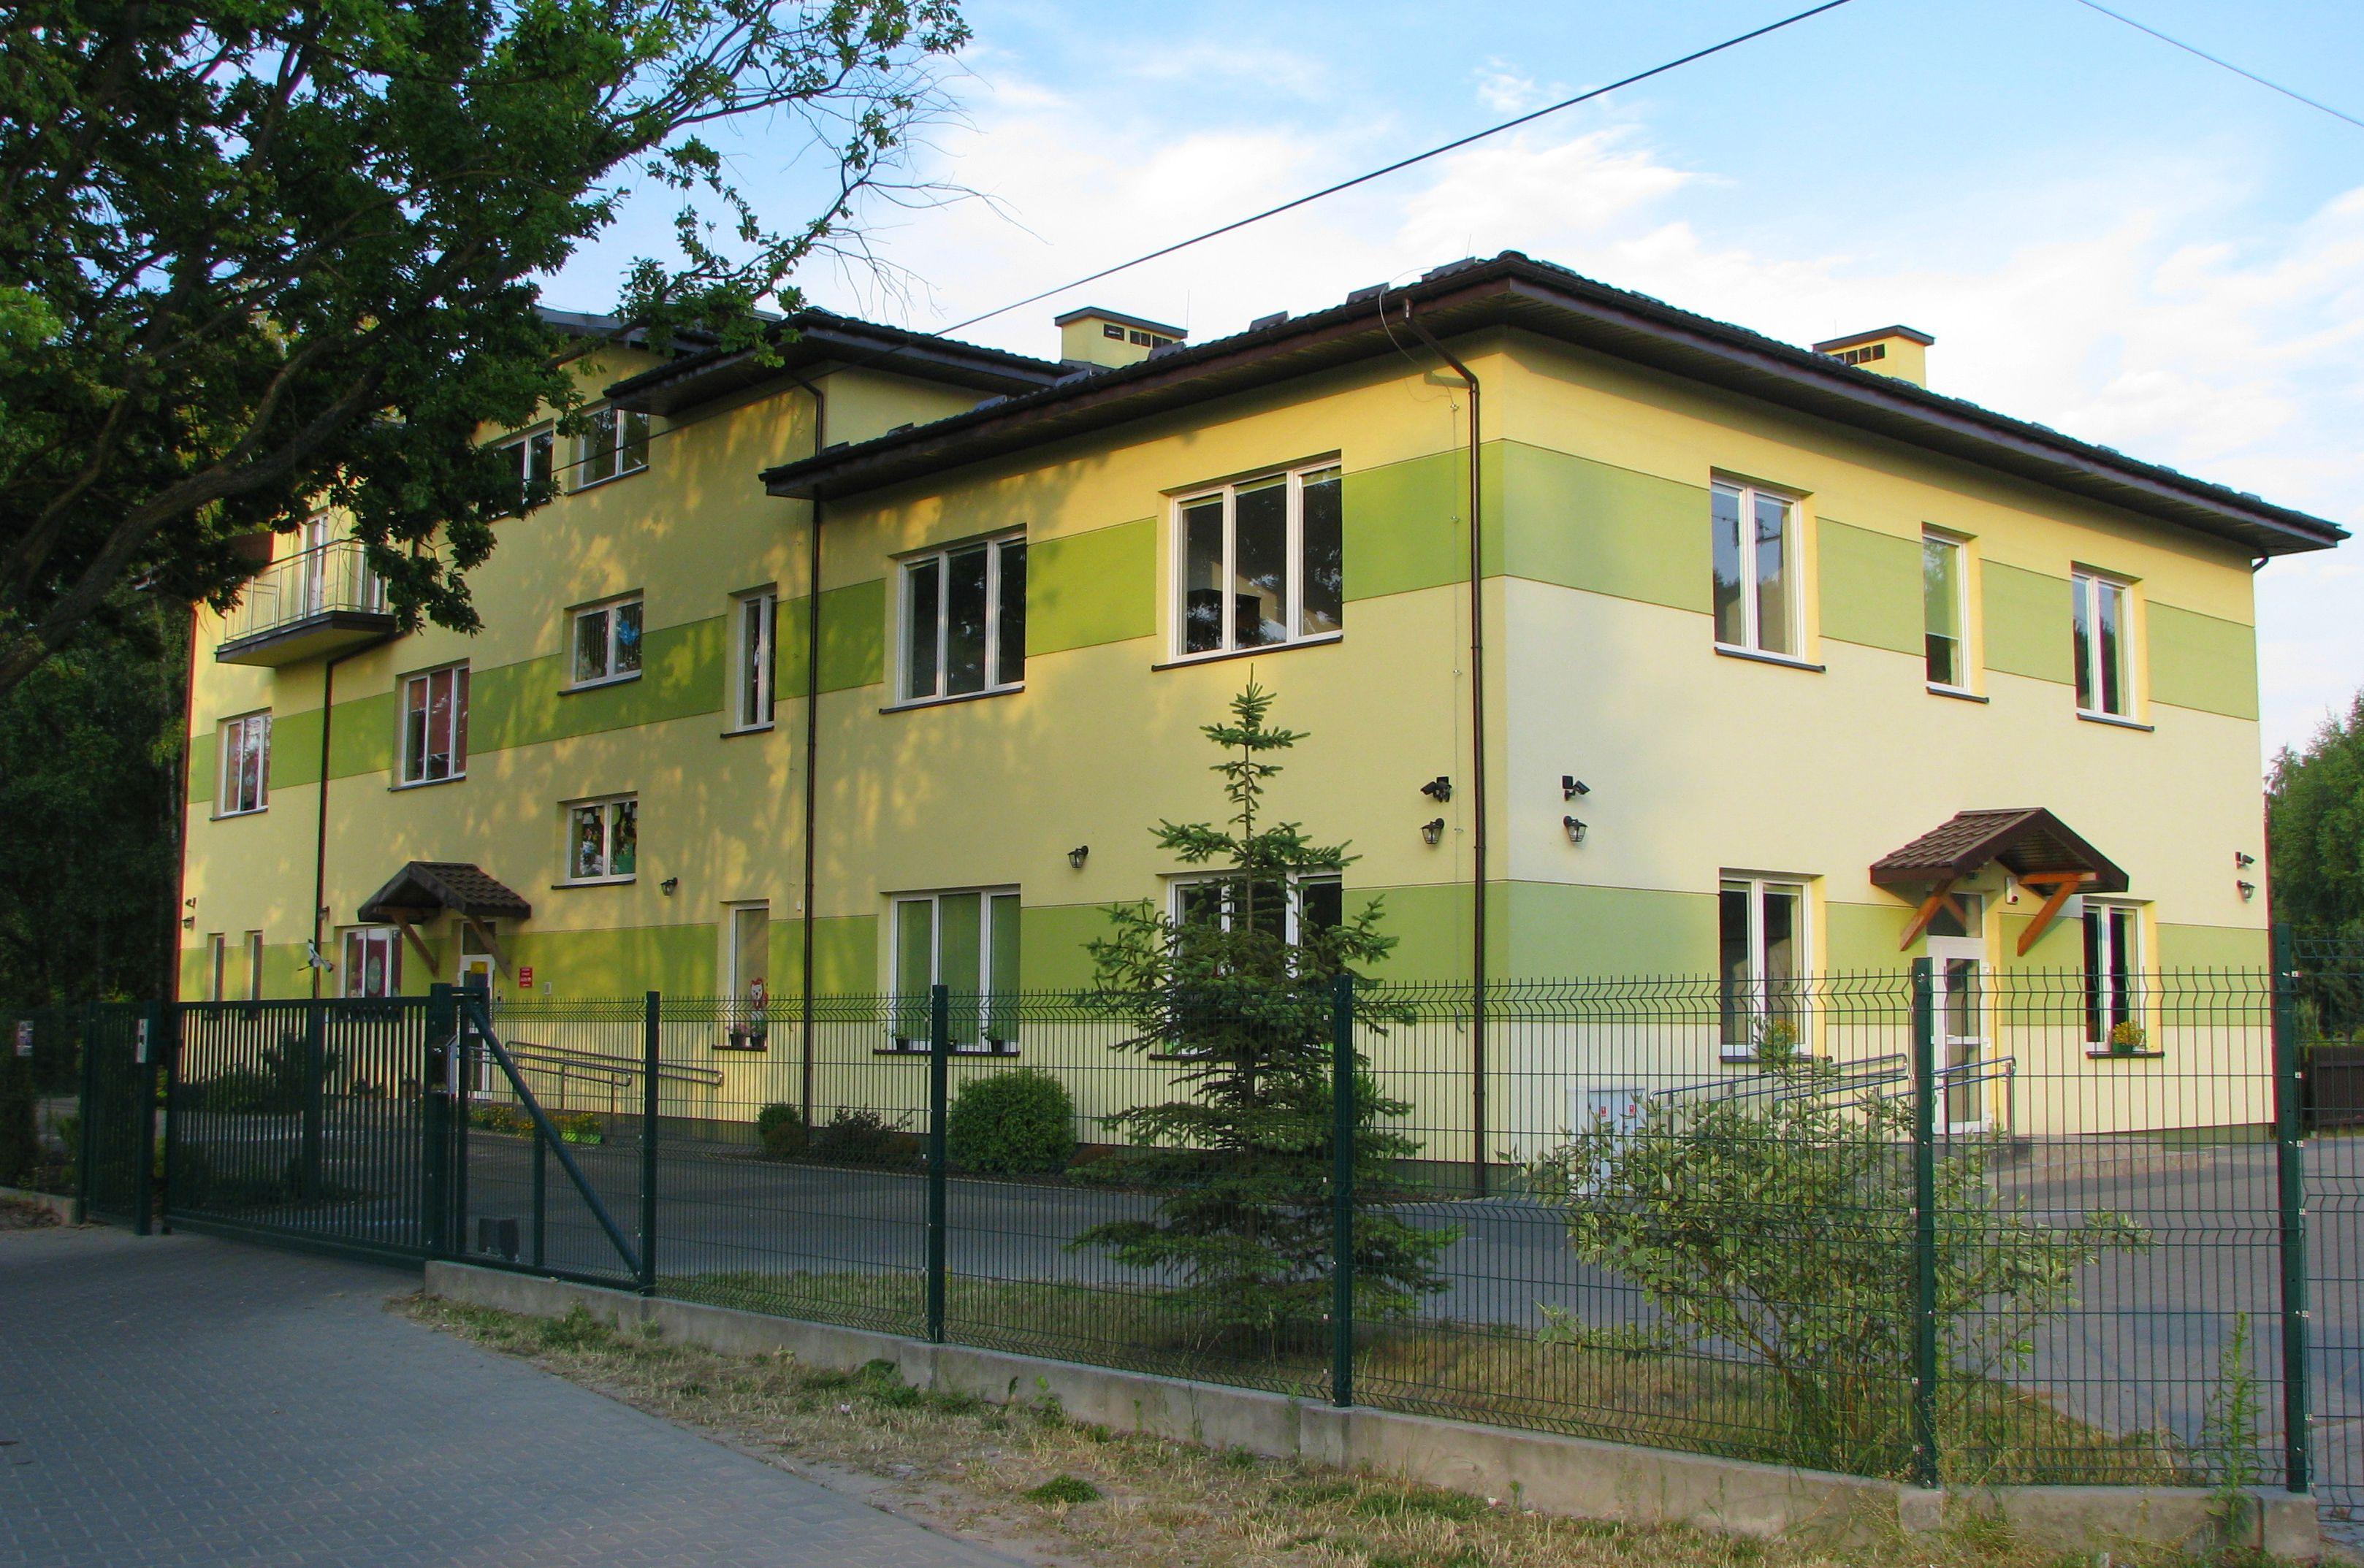 File Adamowizna Przedszkole Kajtek F 1 Jpg Wikimedia Commons